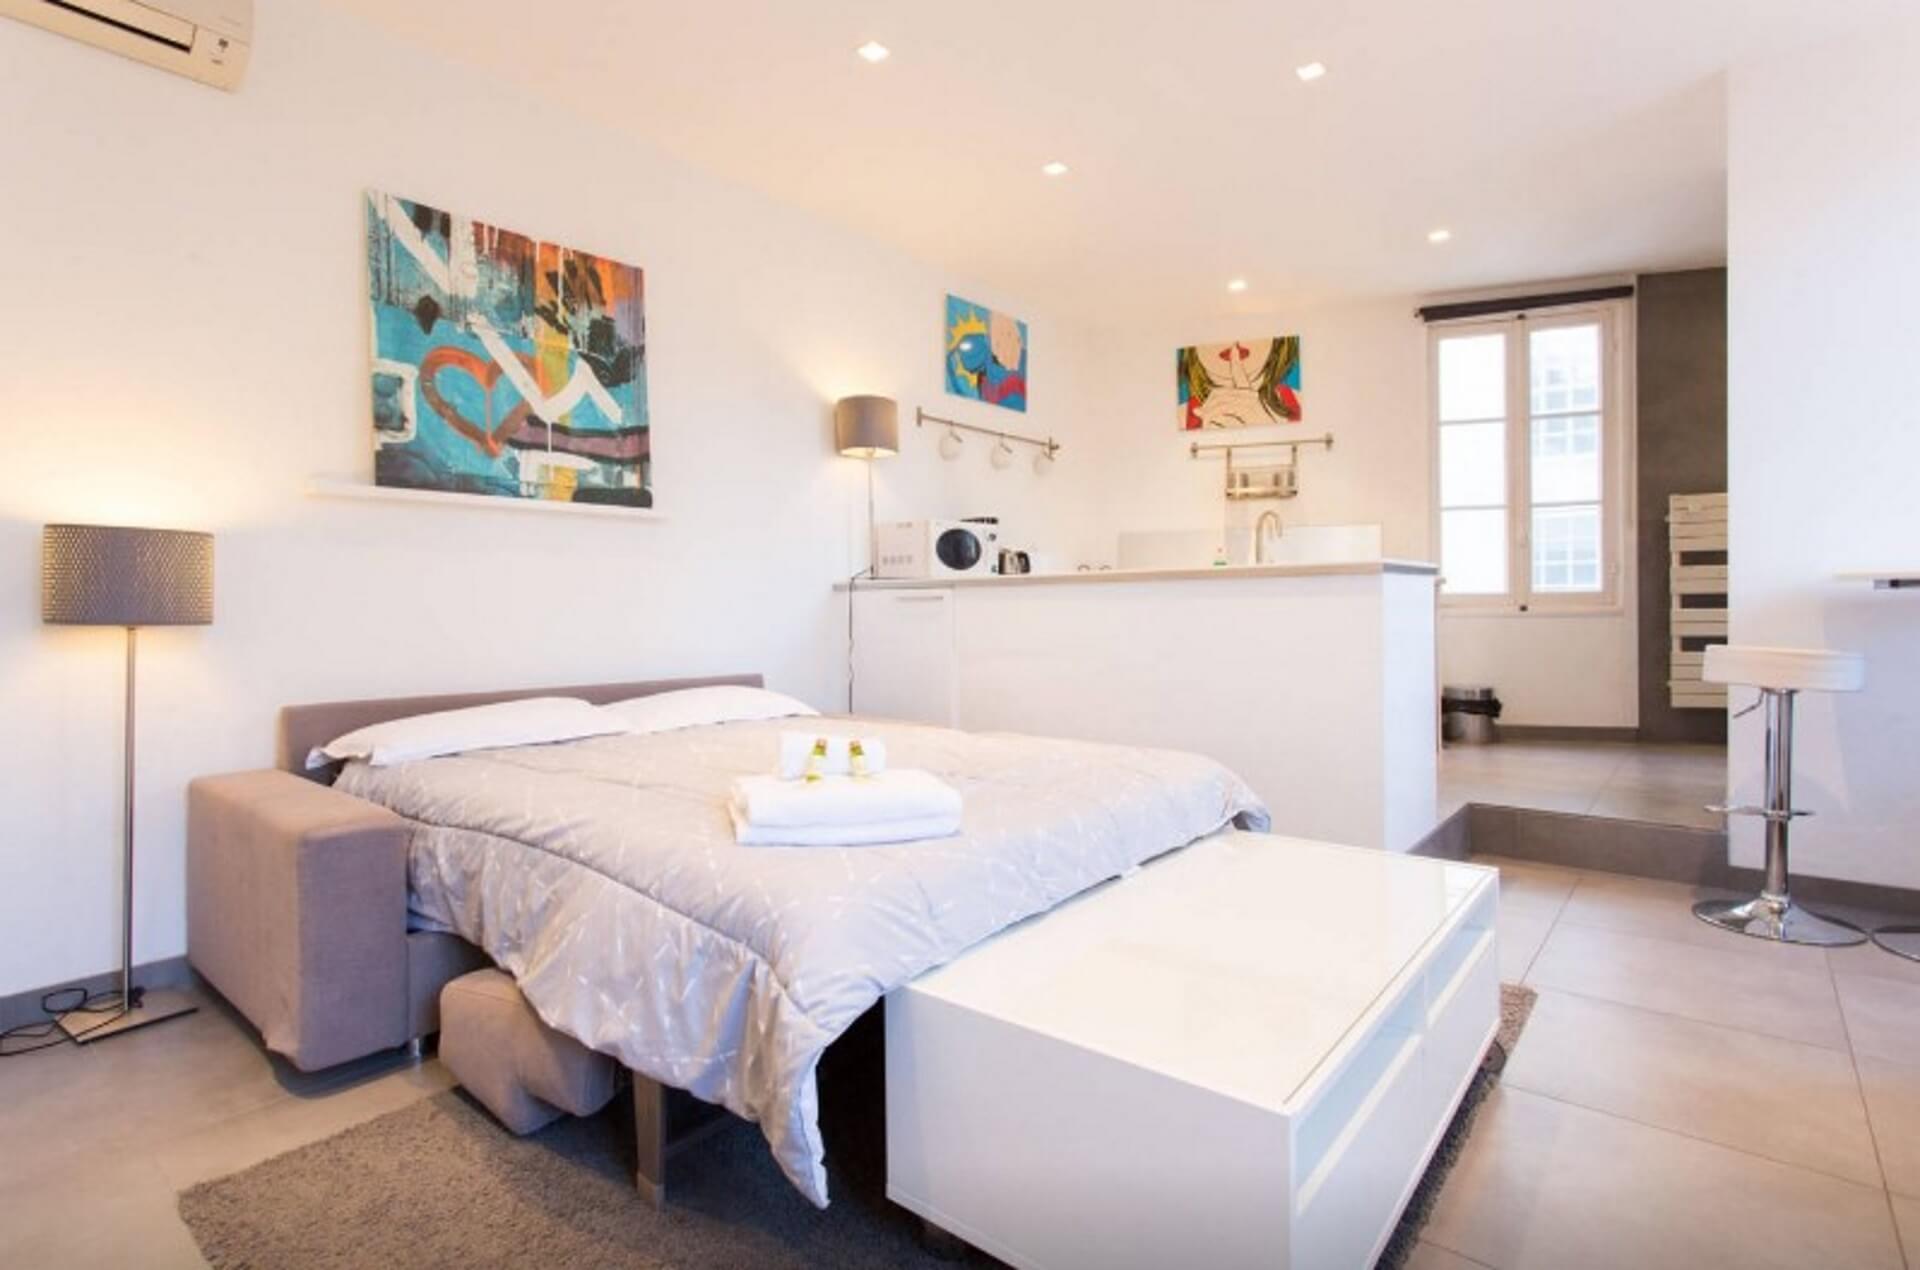 Appartement studio Agnès pour location